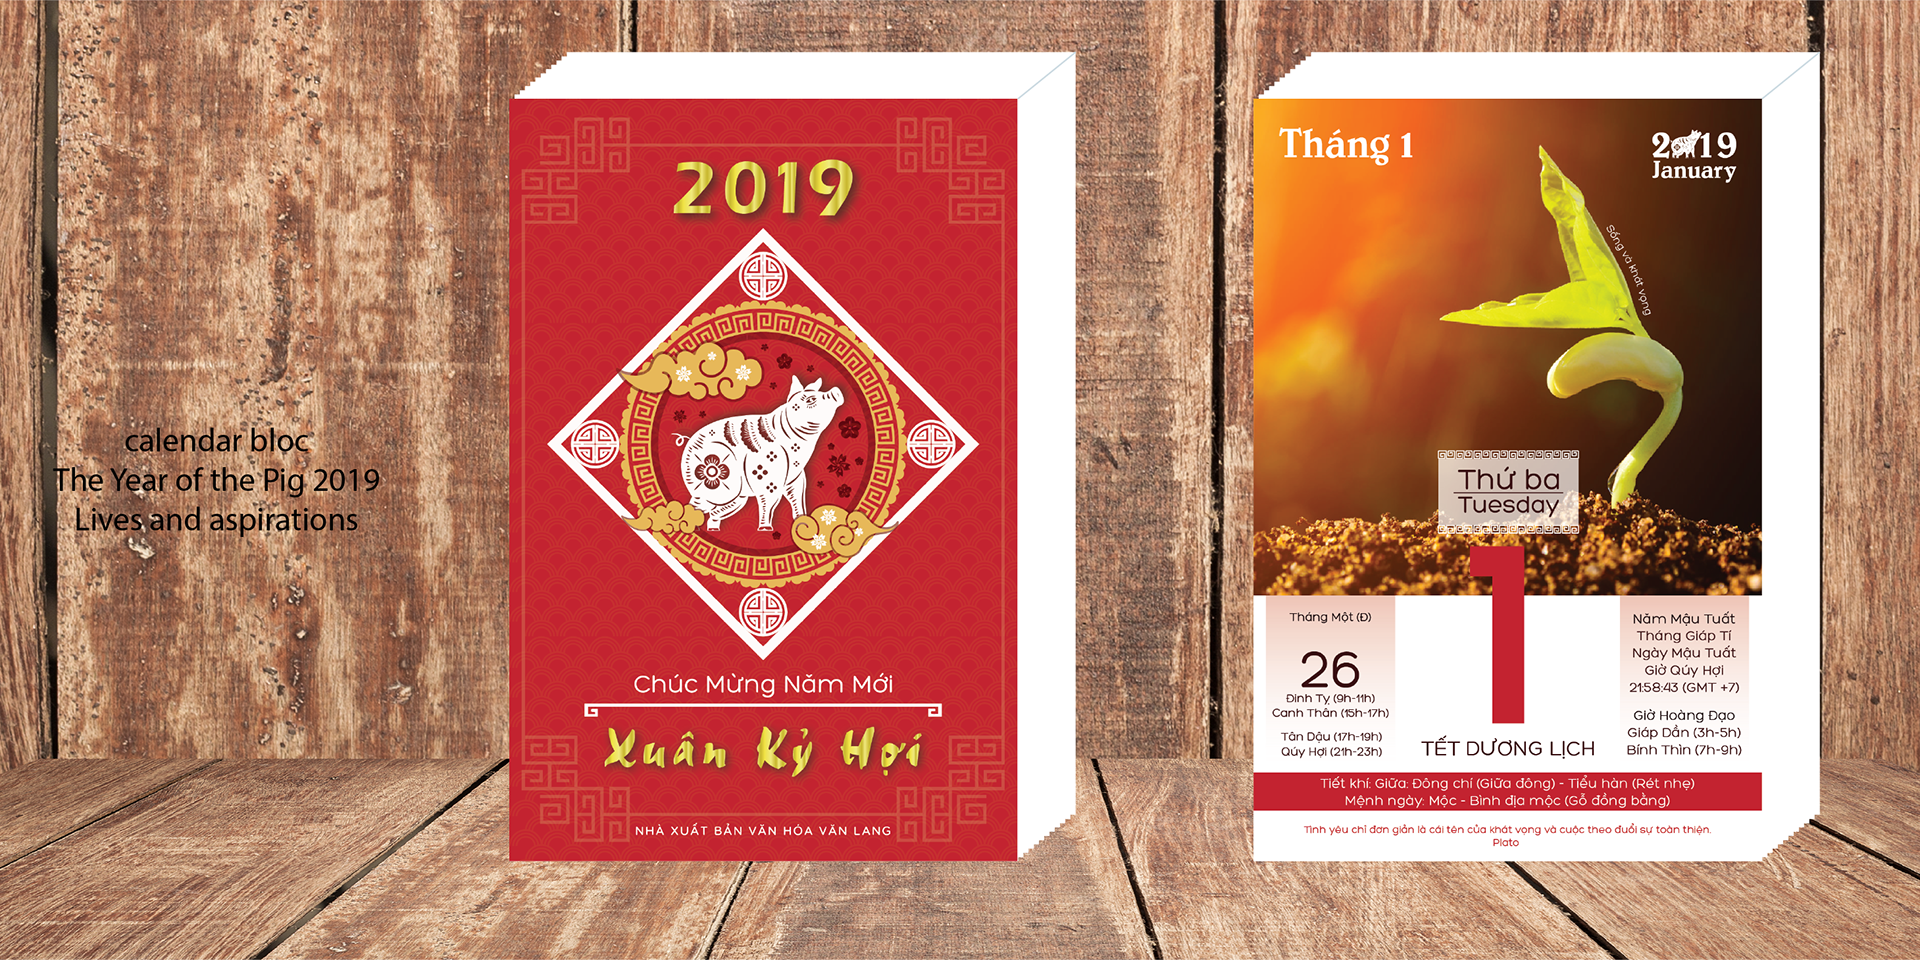 Lịch Bloc là loại lịch truyền thống trong văn hóa Việt Nam